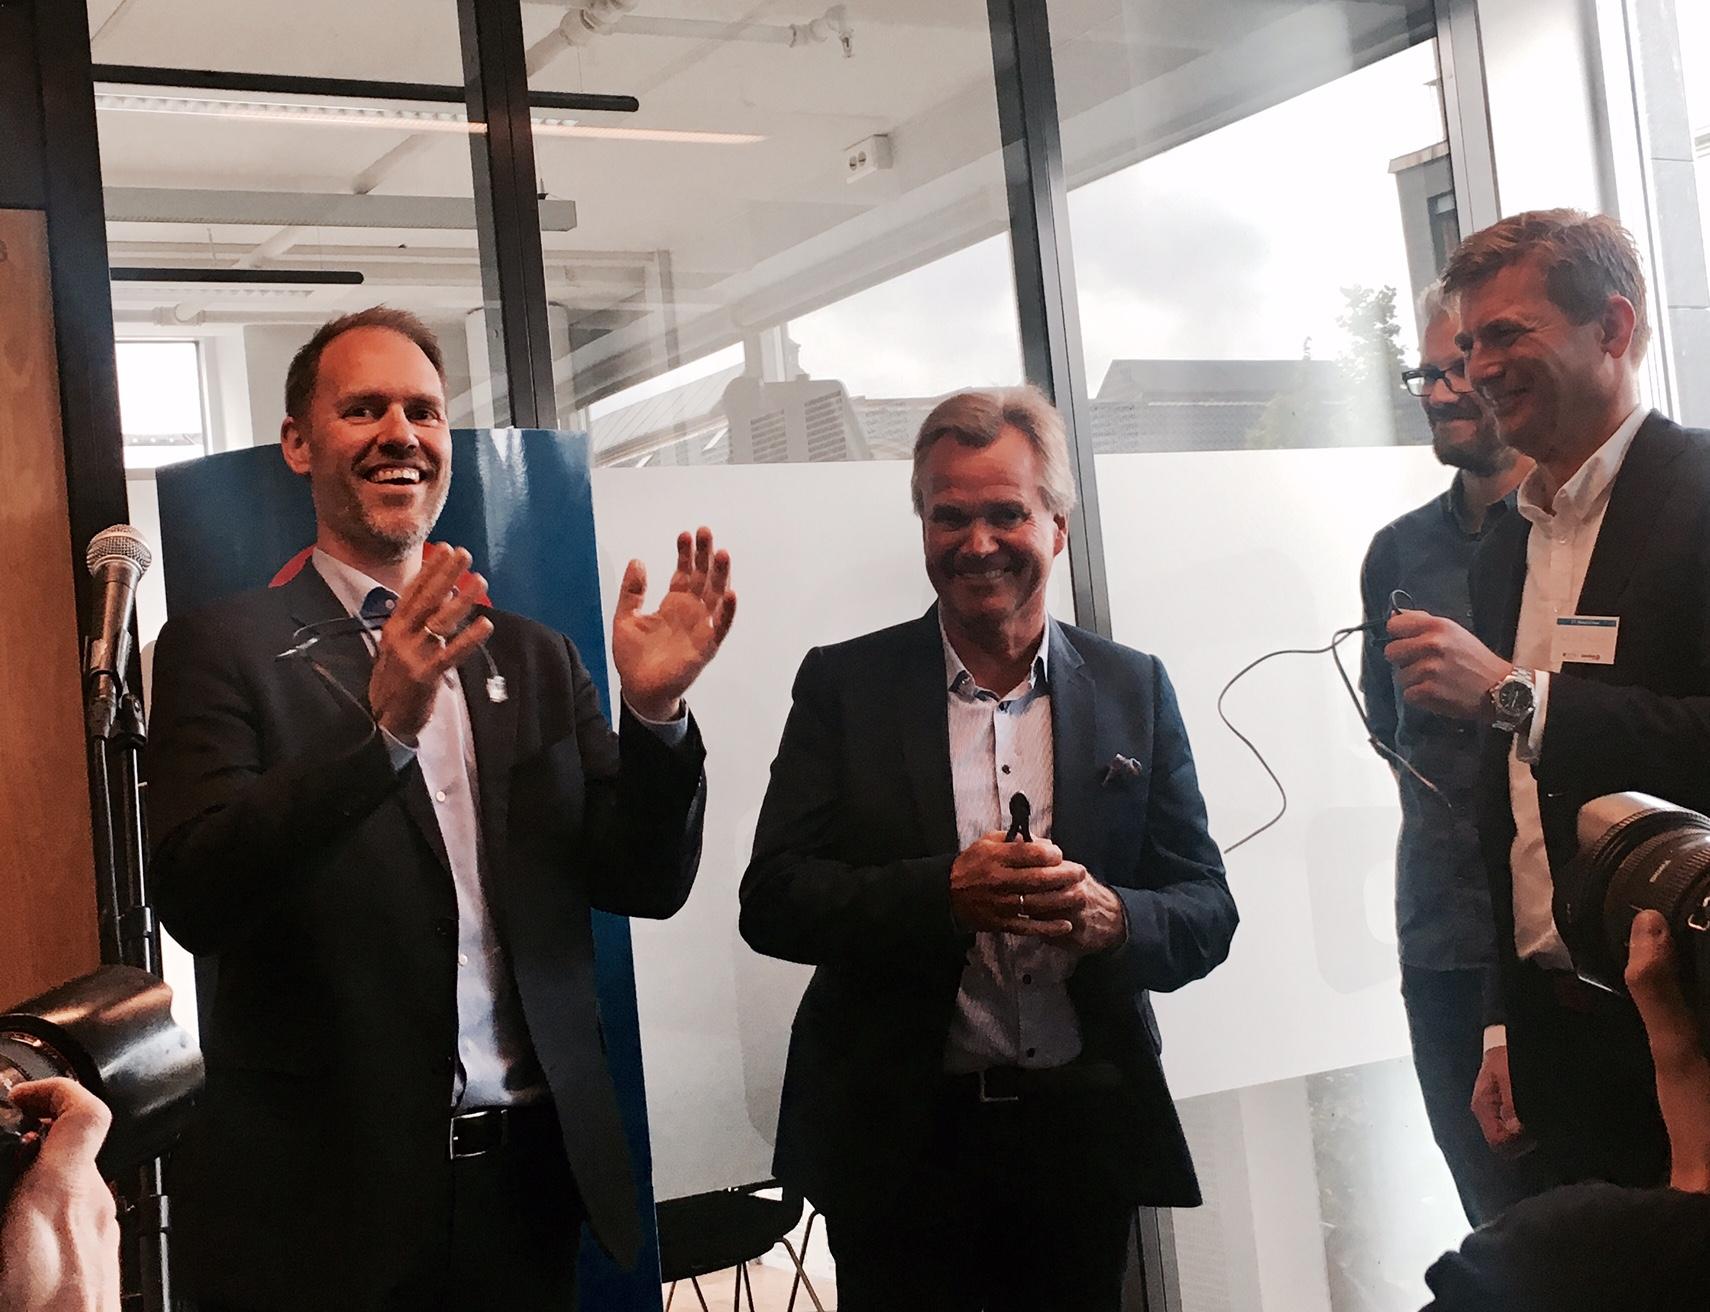 Trondheims første FinTech inkubator: – Norsk finansnæring i front på digitalisering